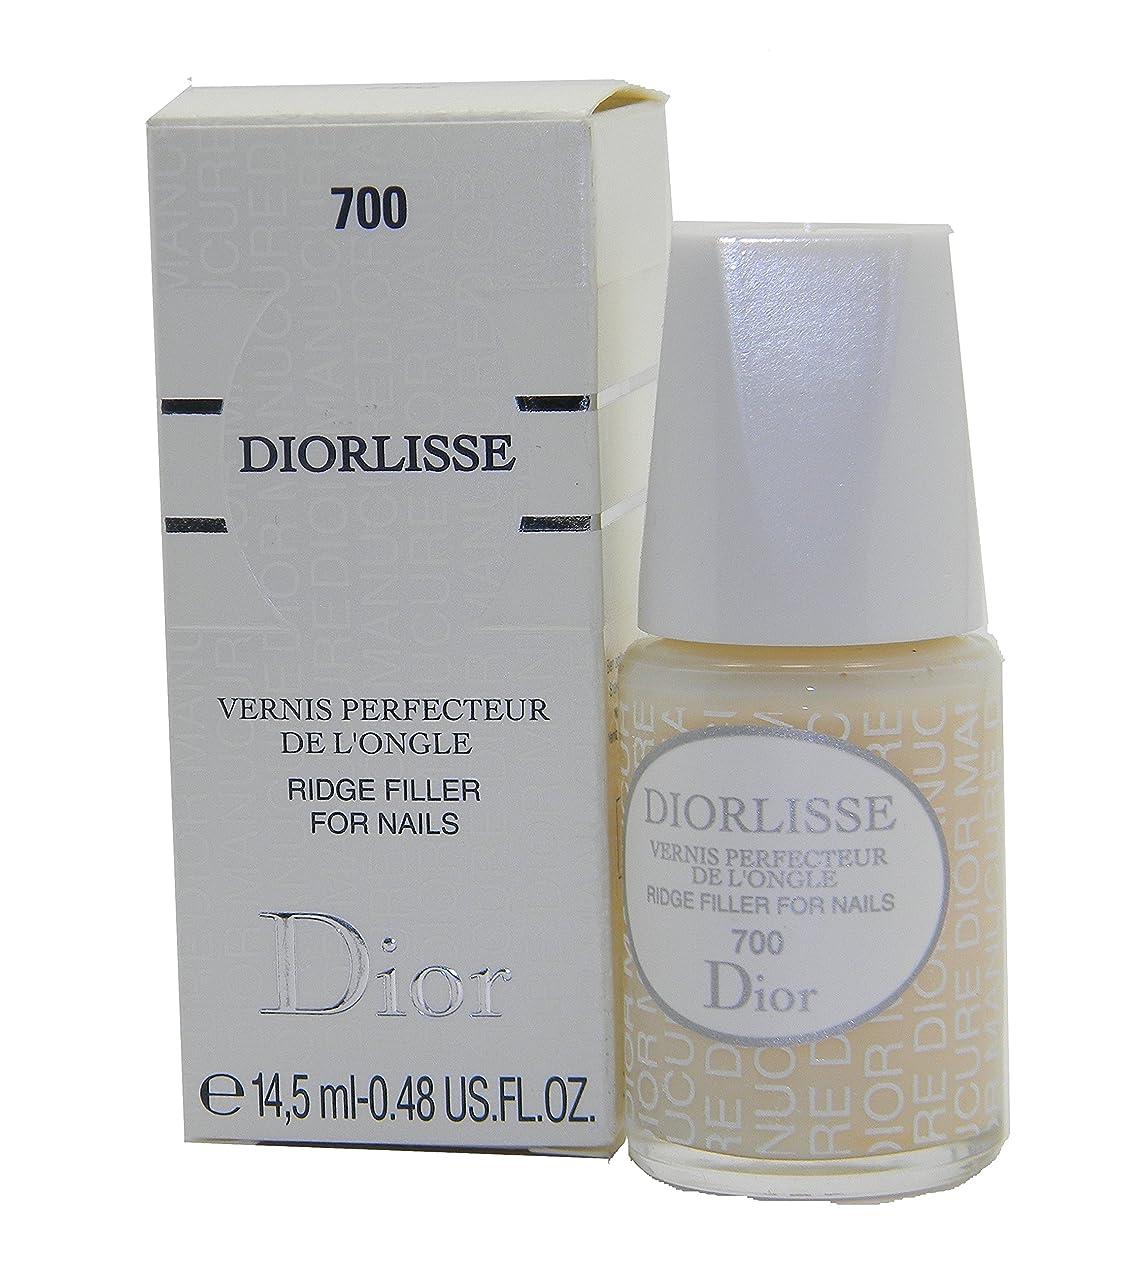 バスルームマッサージ置き場Dior Diorlisse Ridge Filler For Nail 700(ディオールリス リッジフィラー フォーネイル 700)[海外直送品] [並行輸入品]